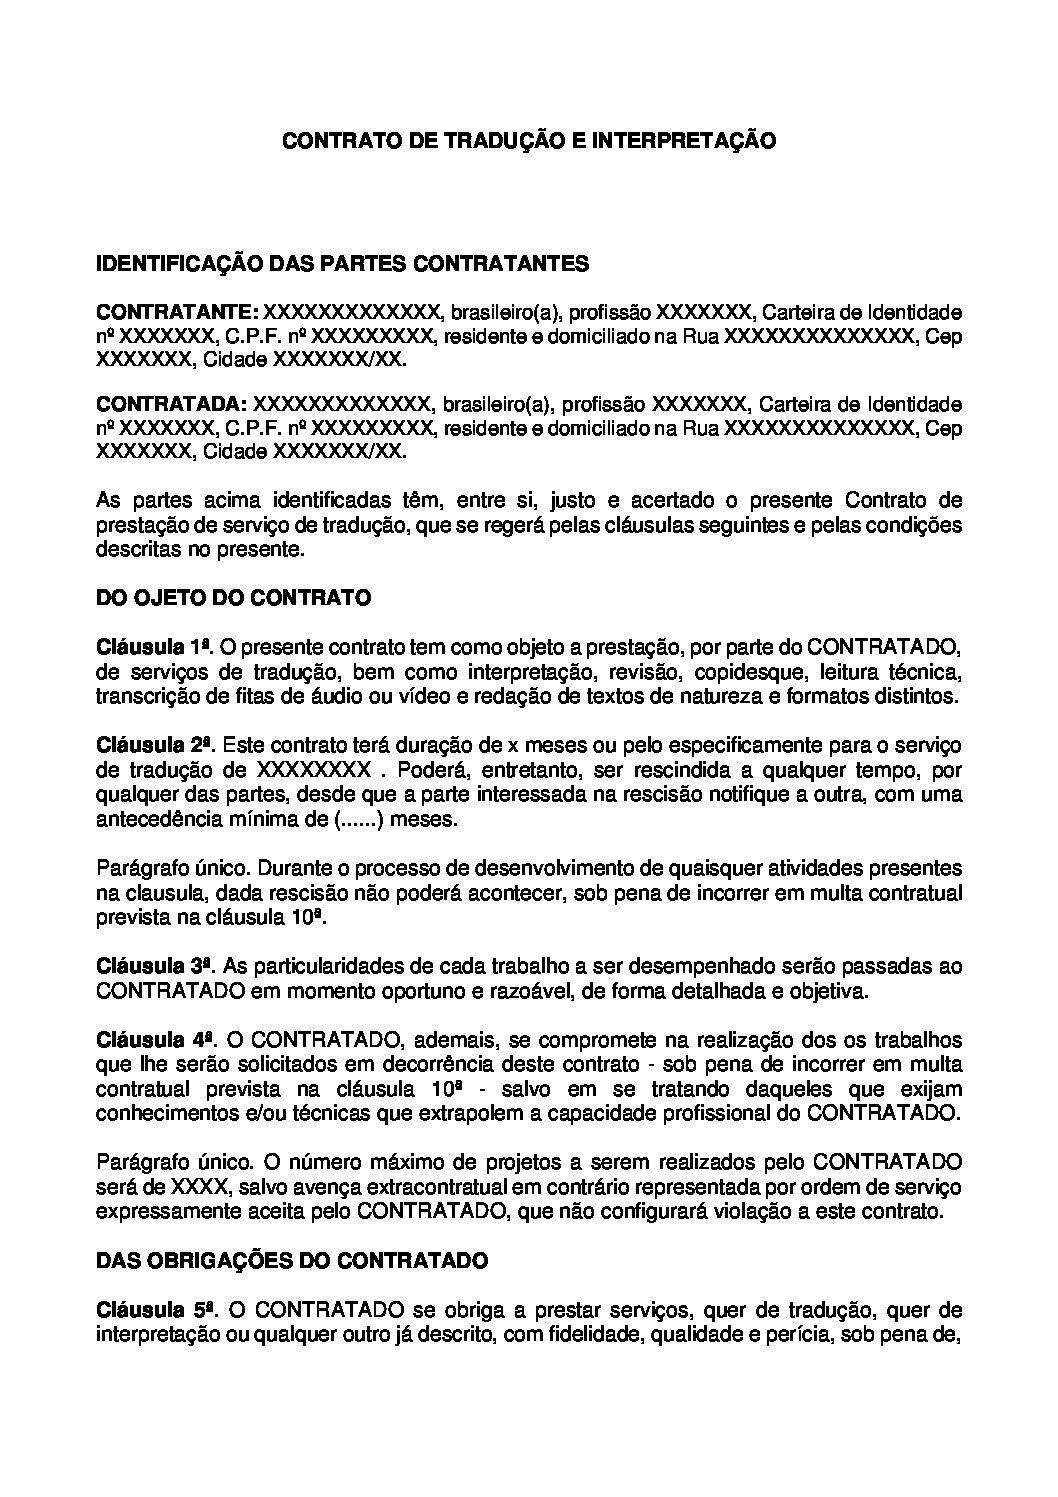 Contrato de Tradução e Interpretação